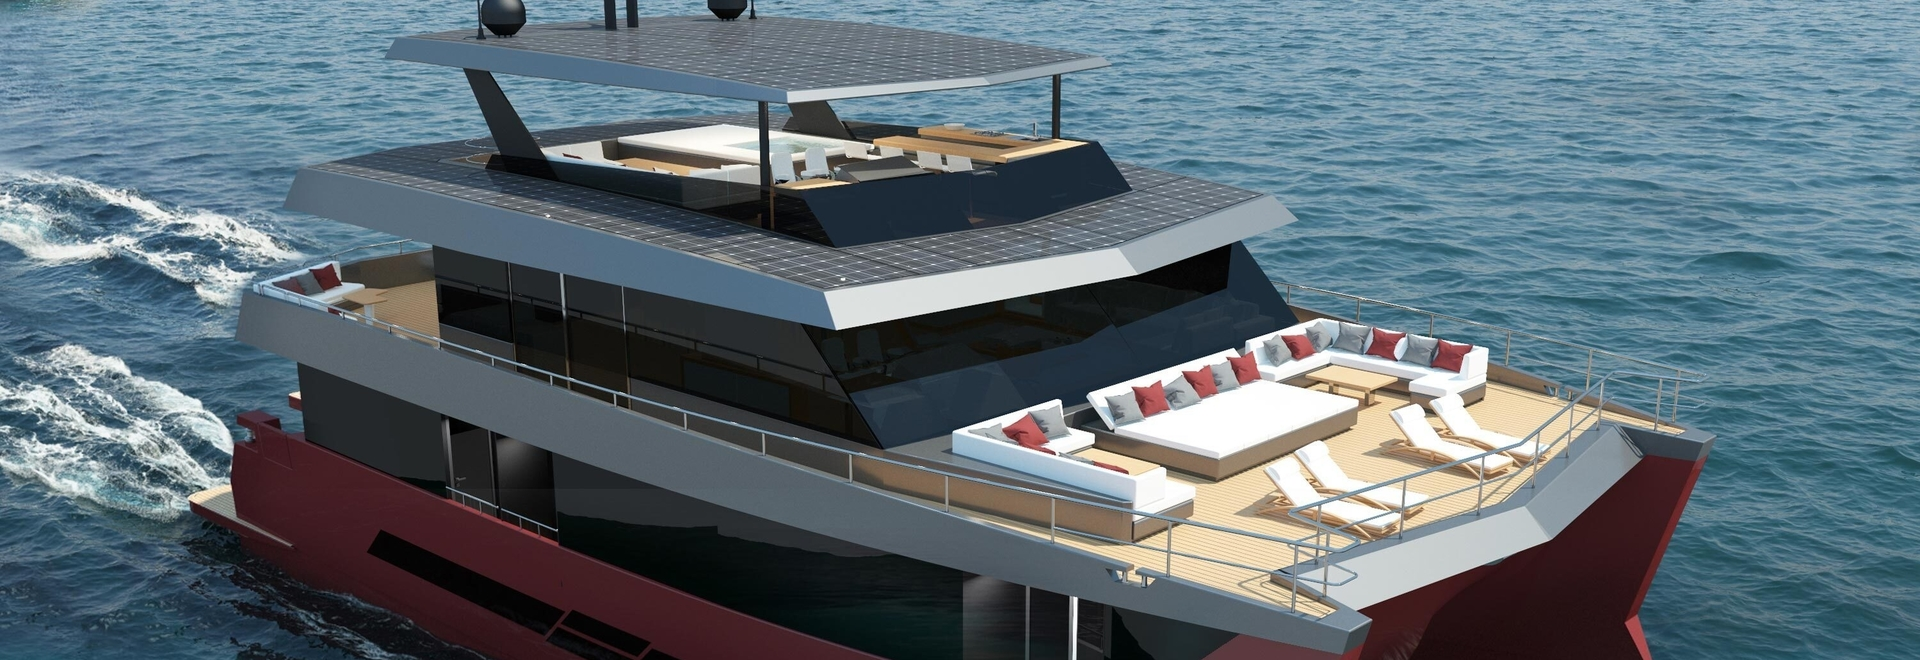 Spaceline 100 Hybrid, un nouveau concept de catamarans à moteur de luxe